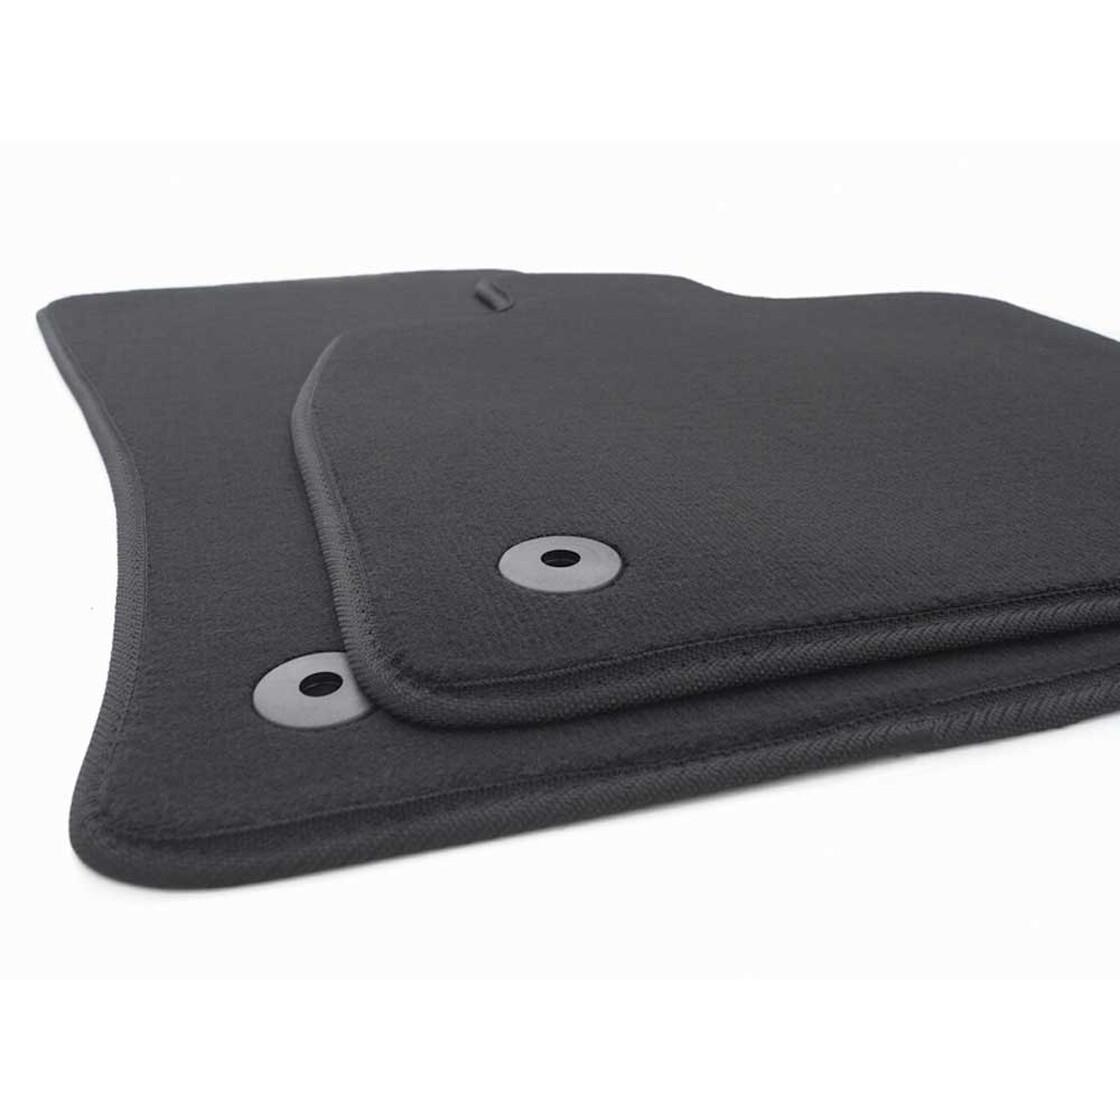 audi a3 8v fu matten original online kaufen ab 10 eur. Black Bedroom Furniture Sets. Home Design Ideas